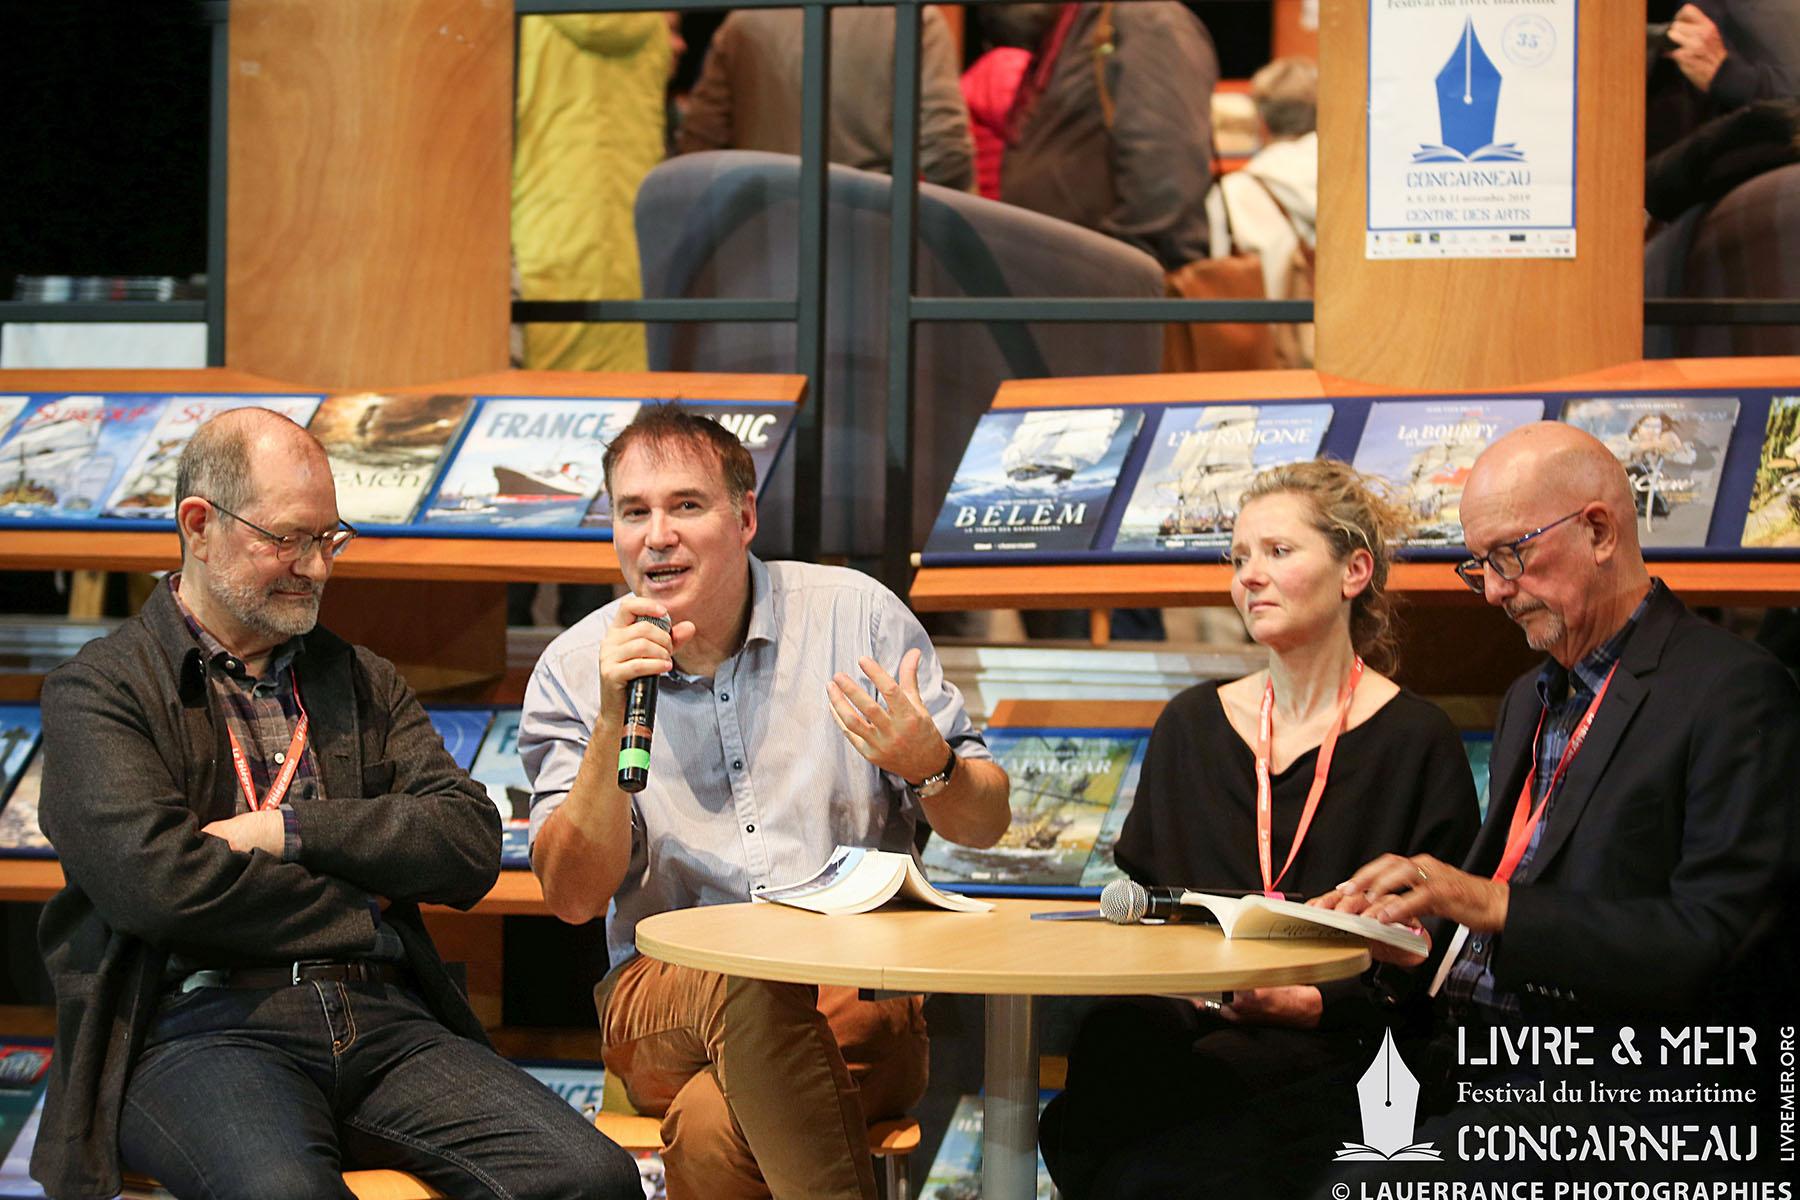 Jean-Paul Honoré, Alain-Gabriel Monot, Martine White & Gilbert Le Bras © Lauerrance Photographies